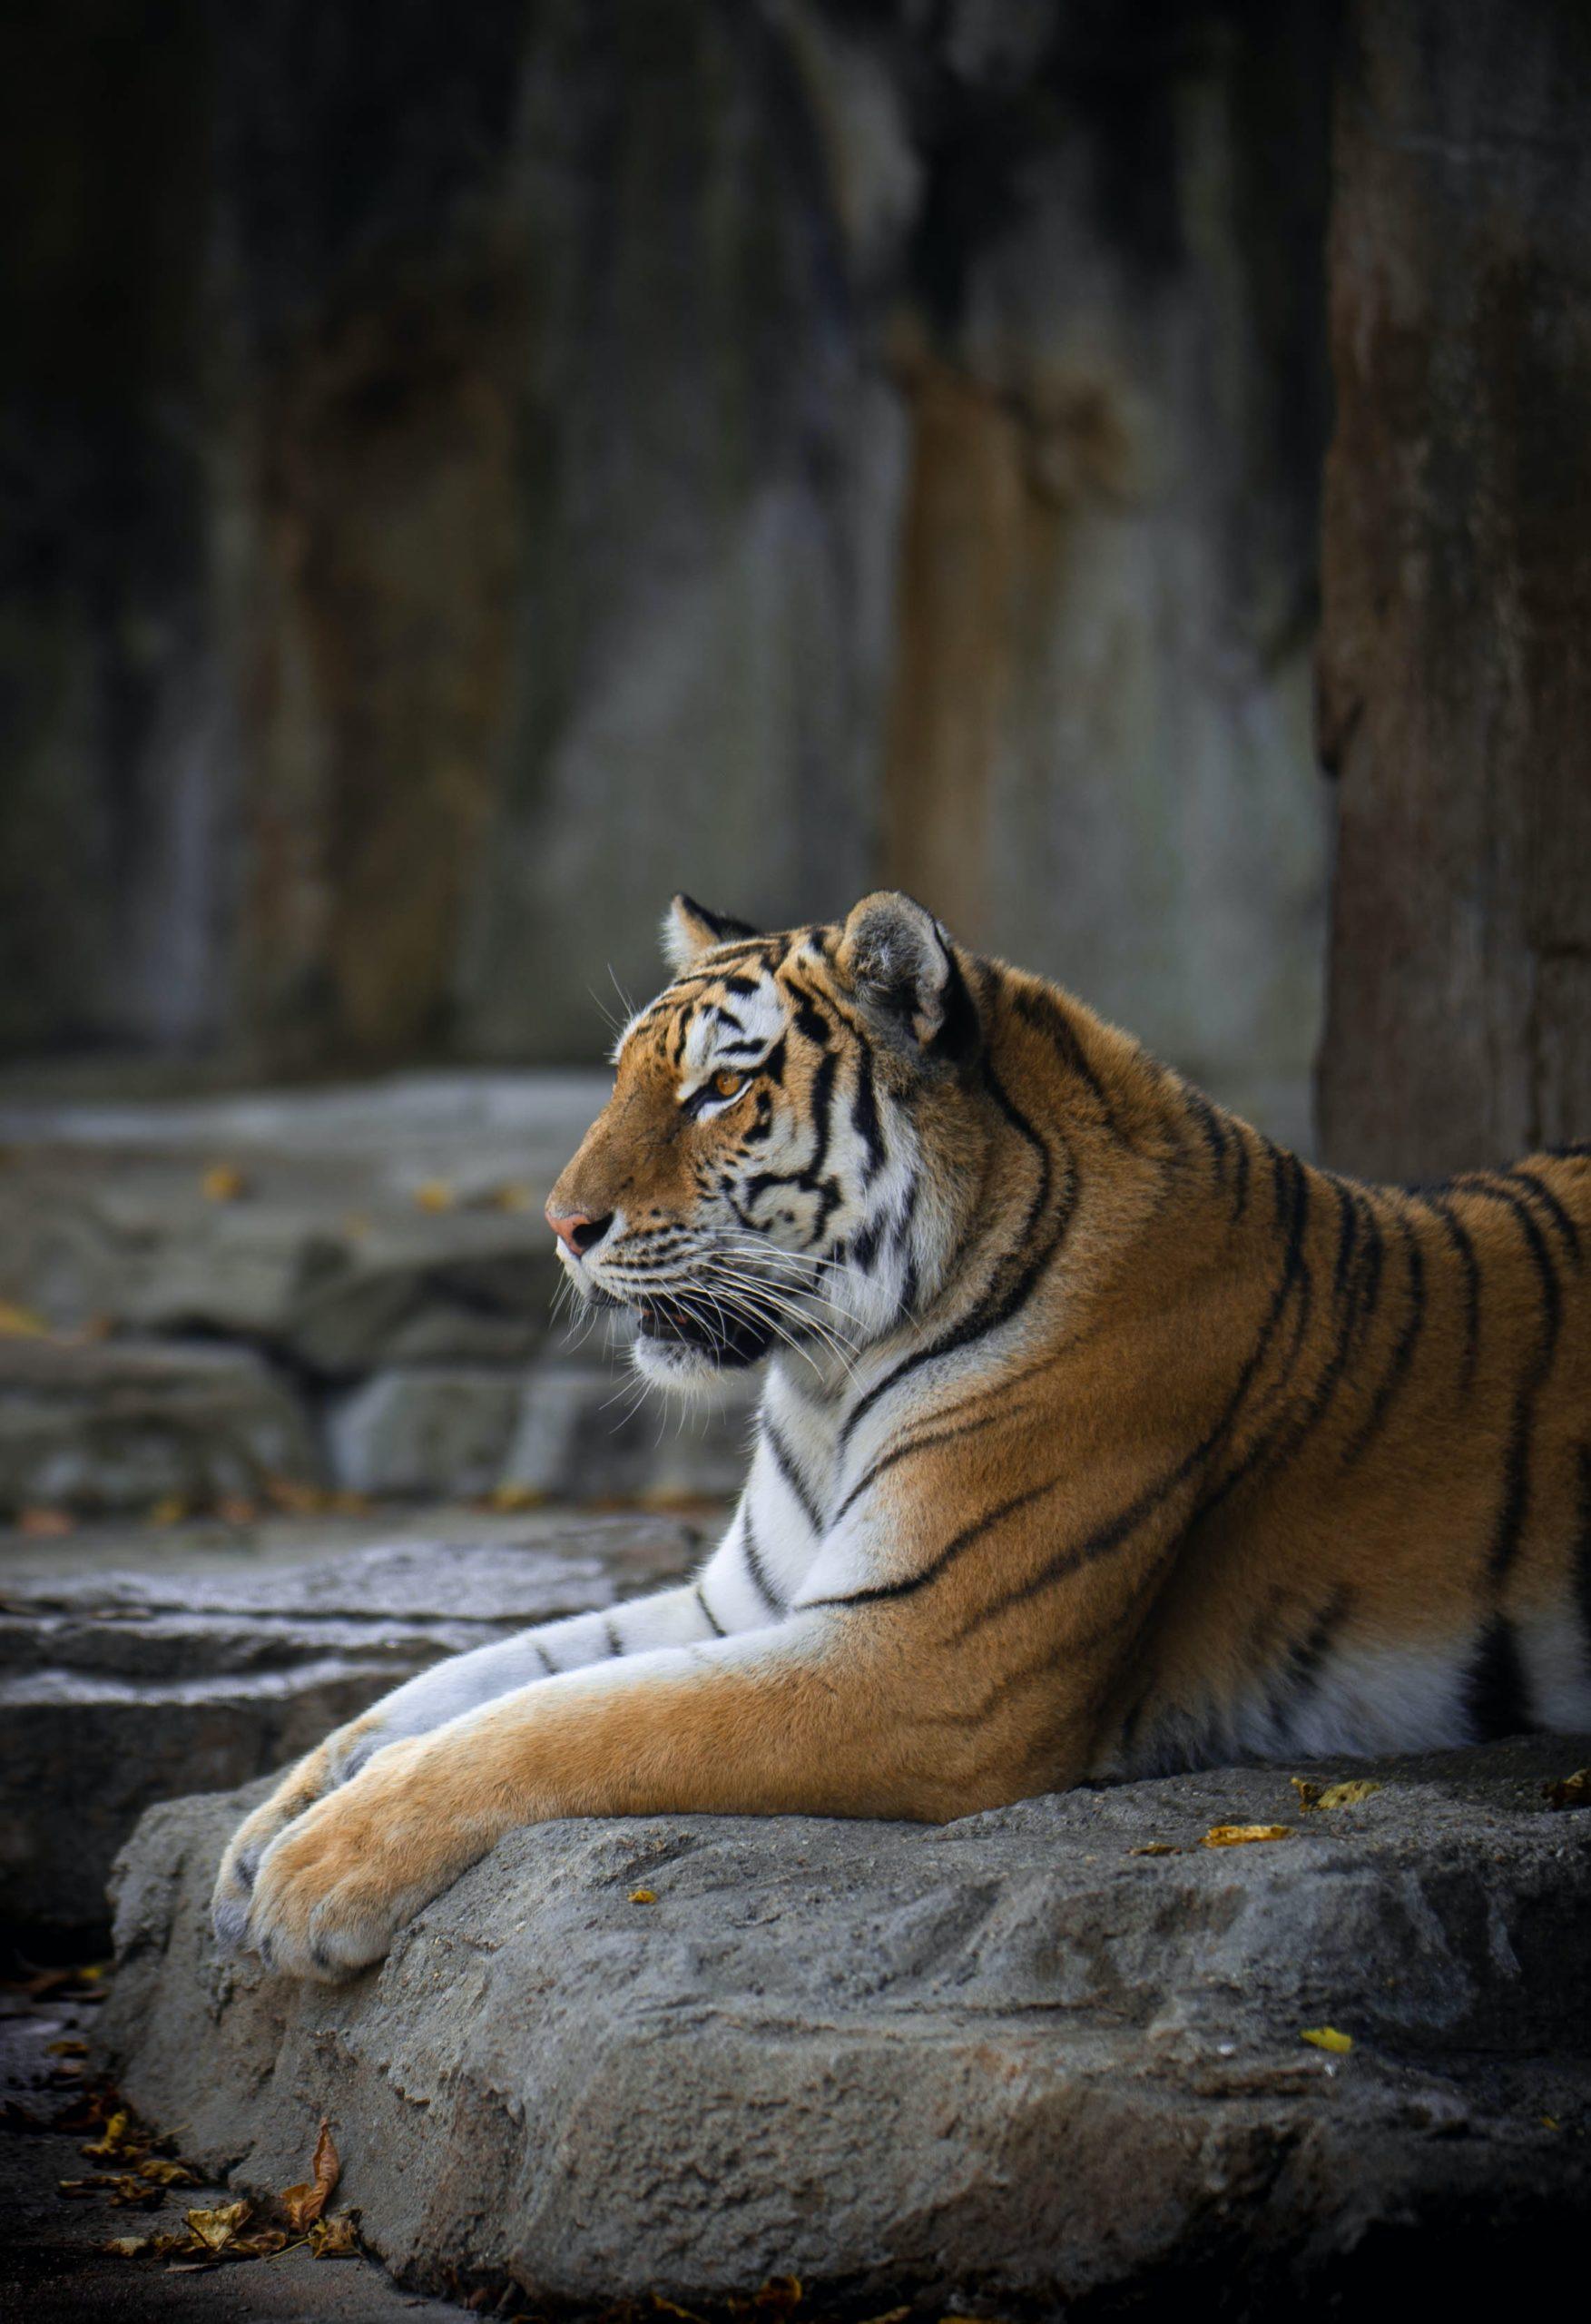 tigre_couché_captivité_temple_moines_félin_thailande_asie_maltraitance_animale